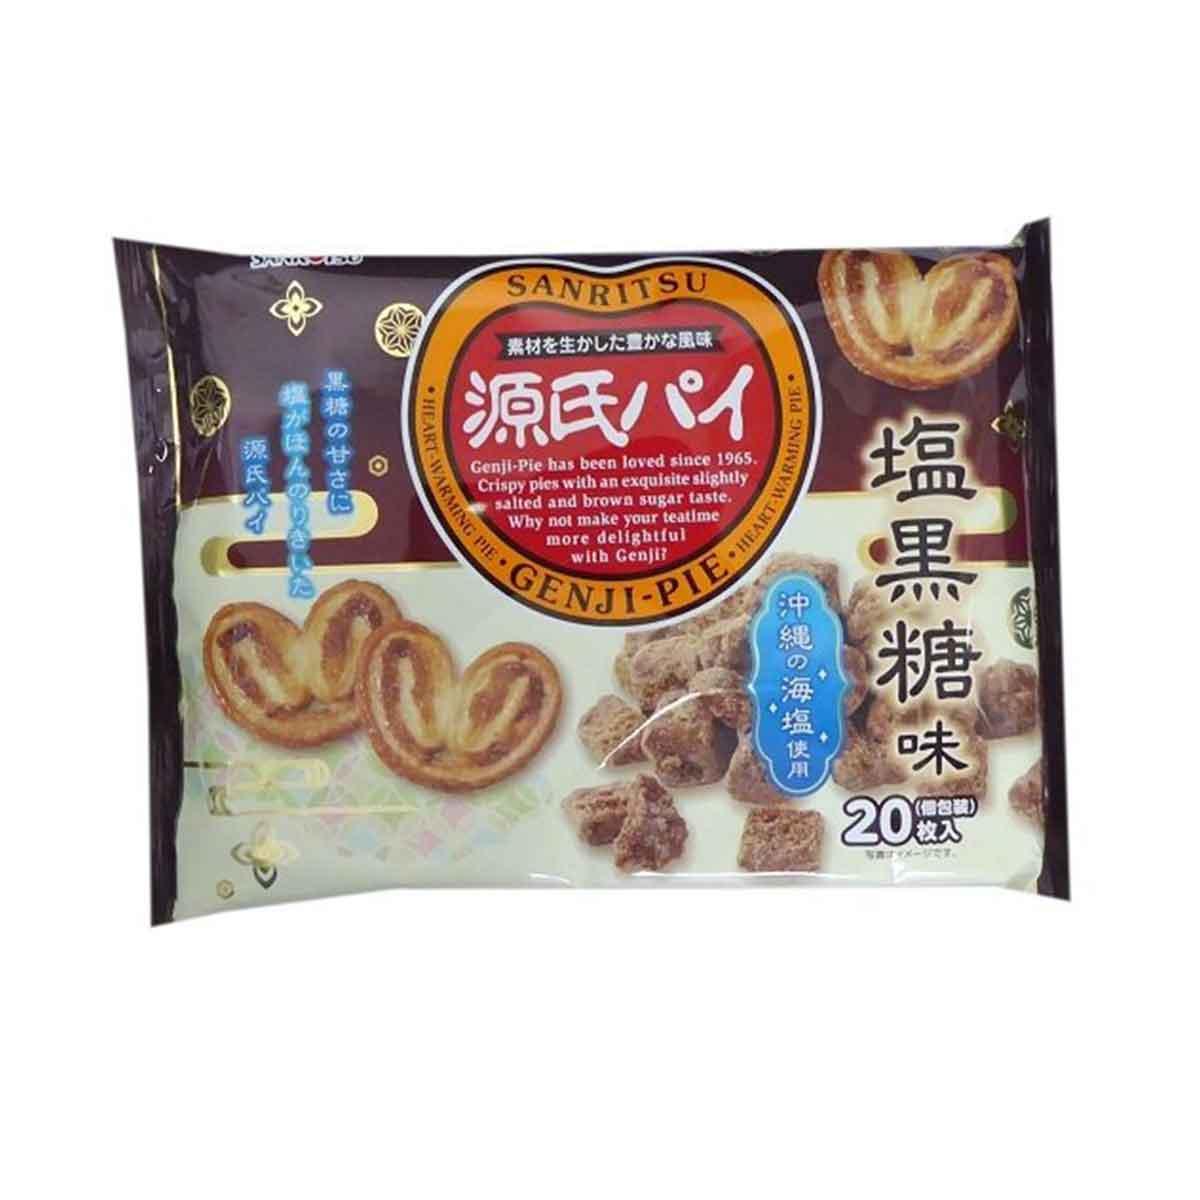 源氏派-鹽黑糖味 150g 甜點 日本進口製造